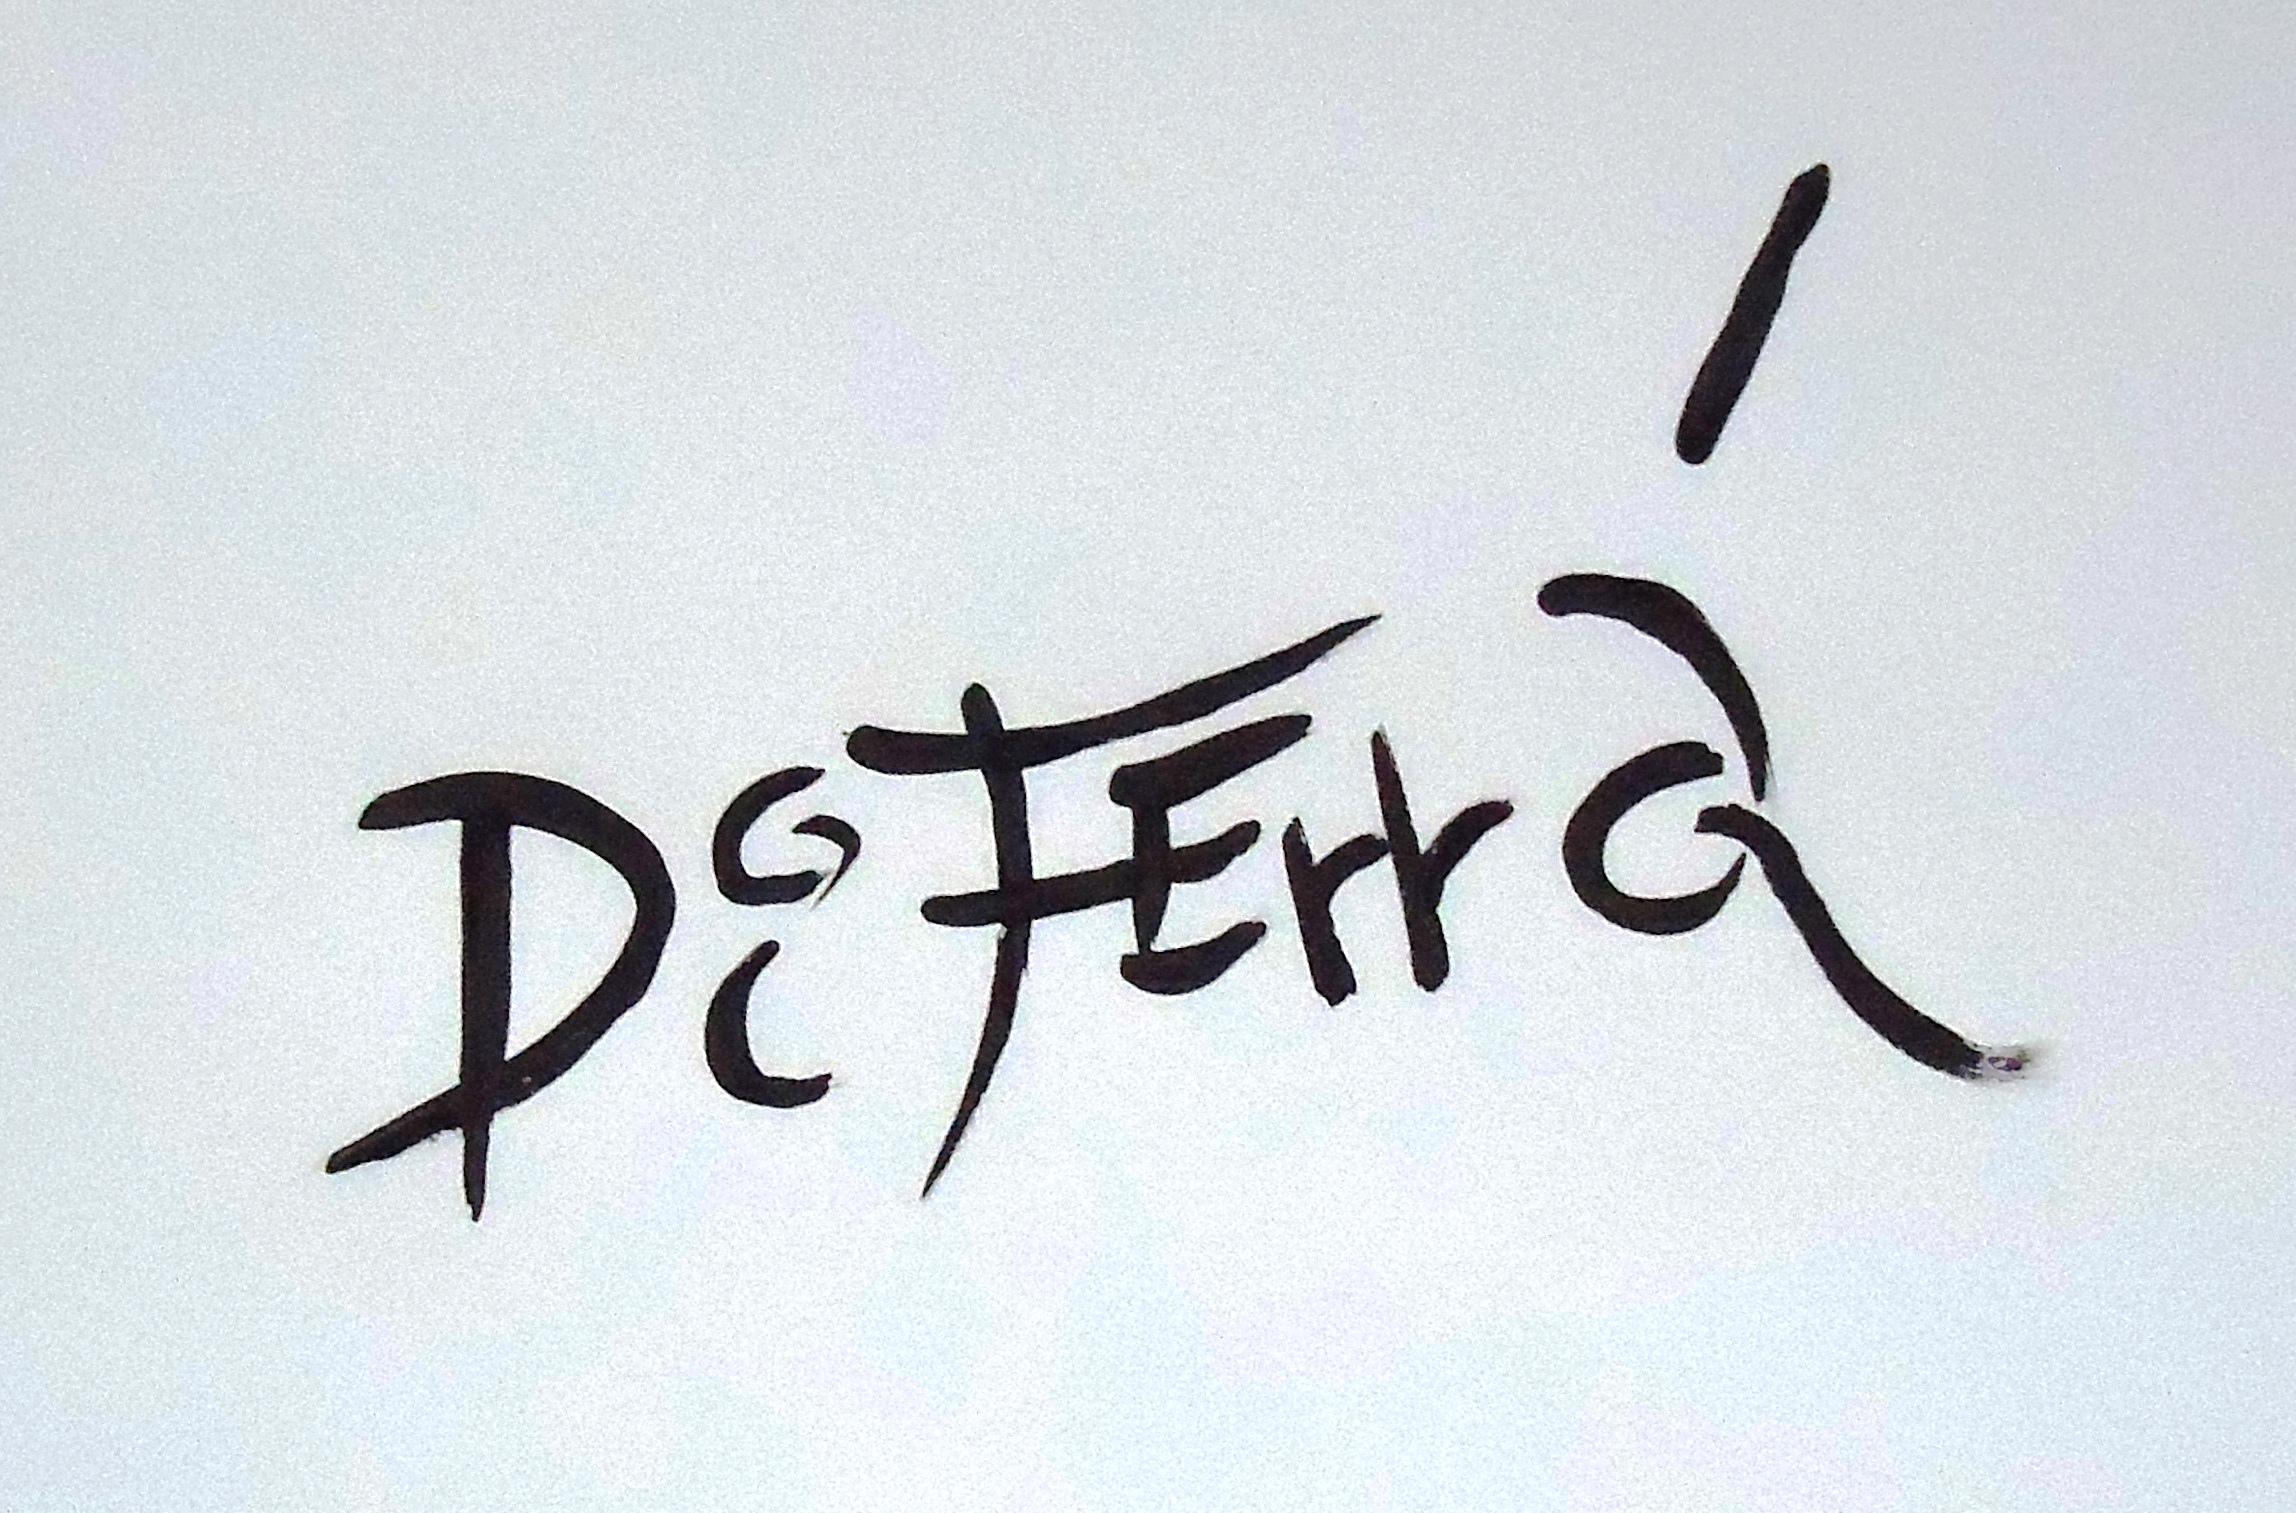 Di Ferrá's Signature